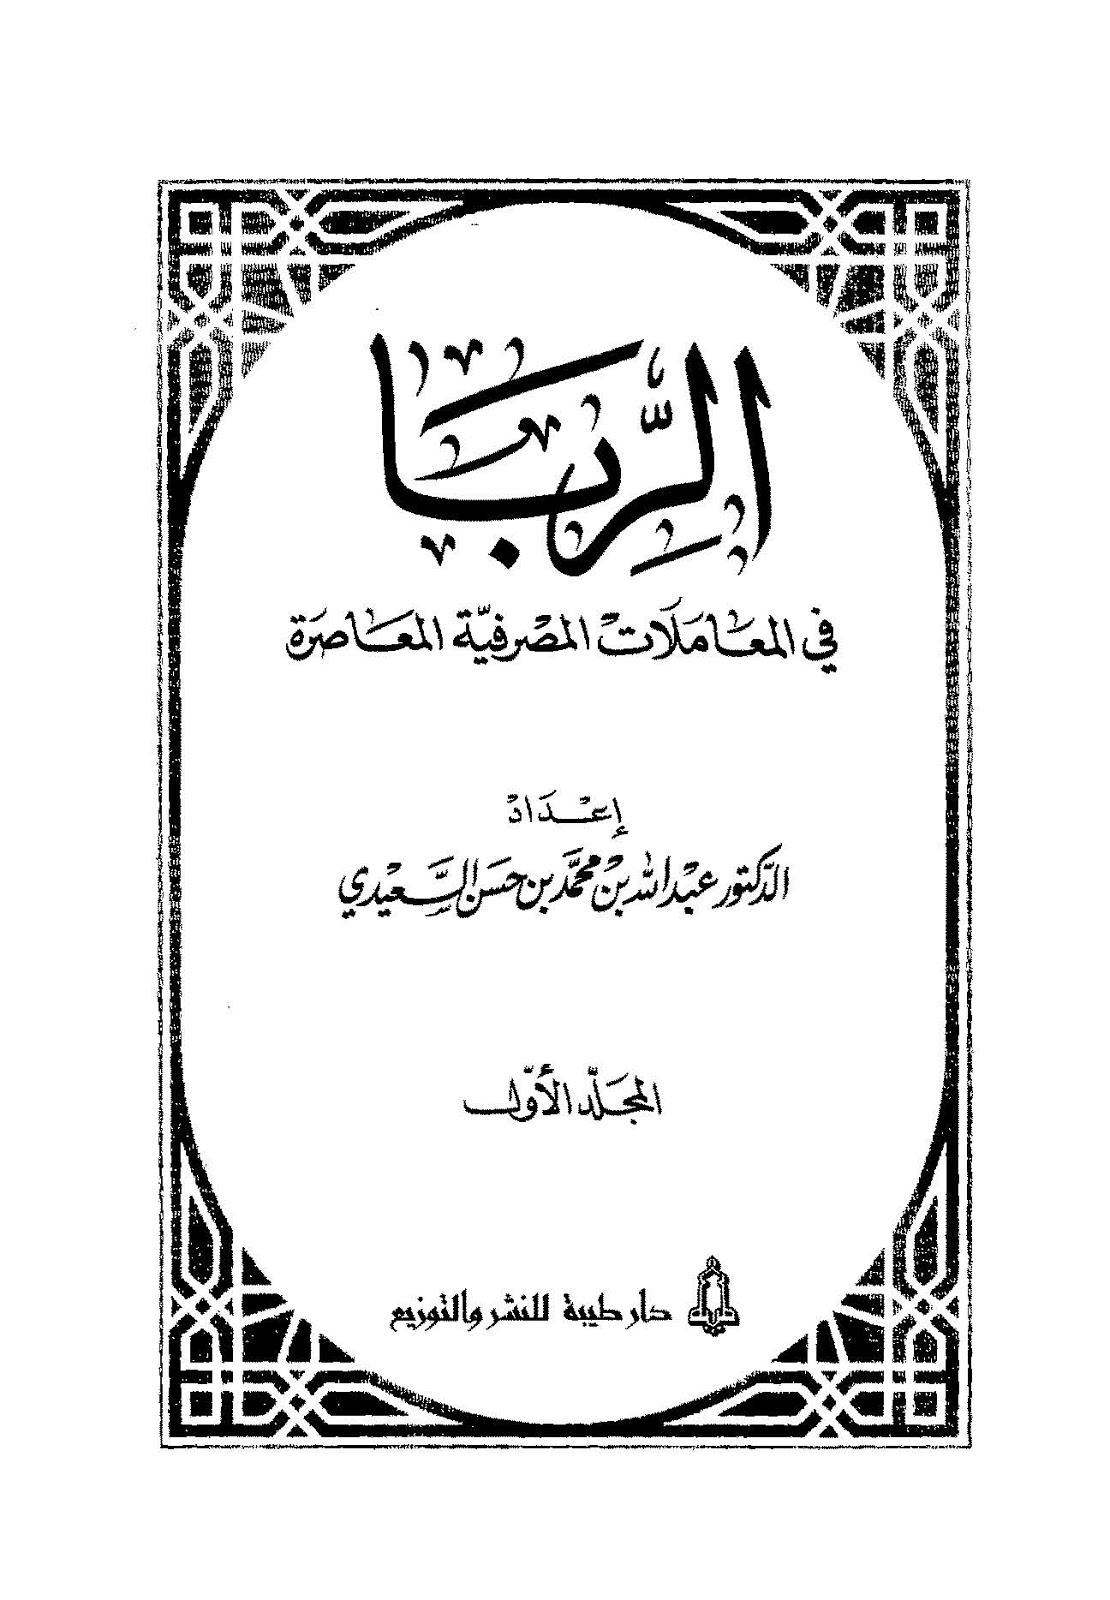 الربا في المعاملات المصرفية المعاصرة - عبد الله السعدي pdf